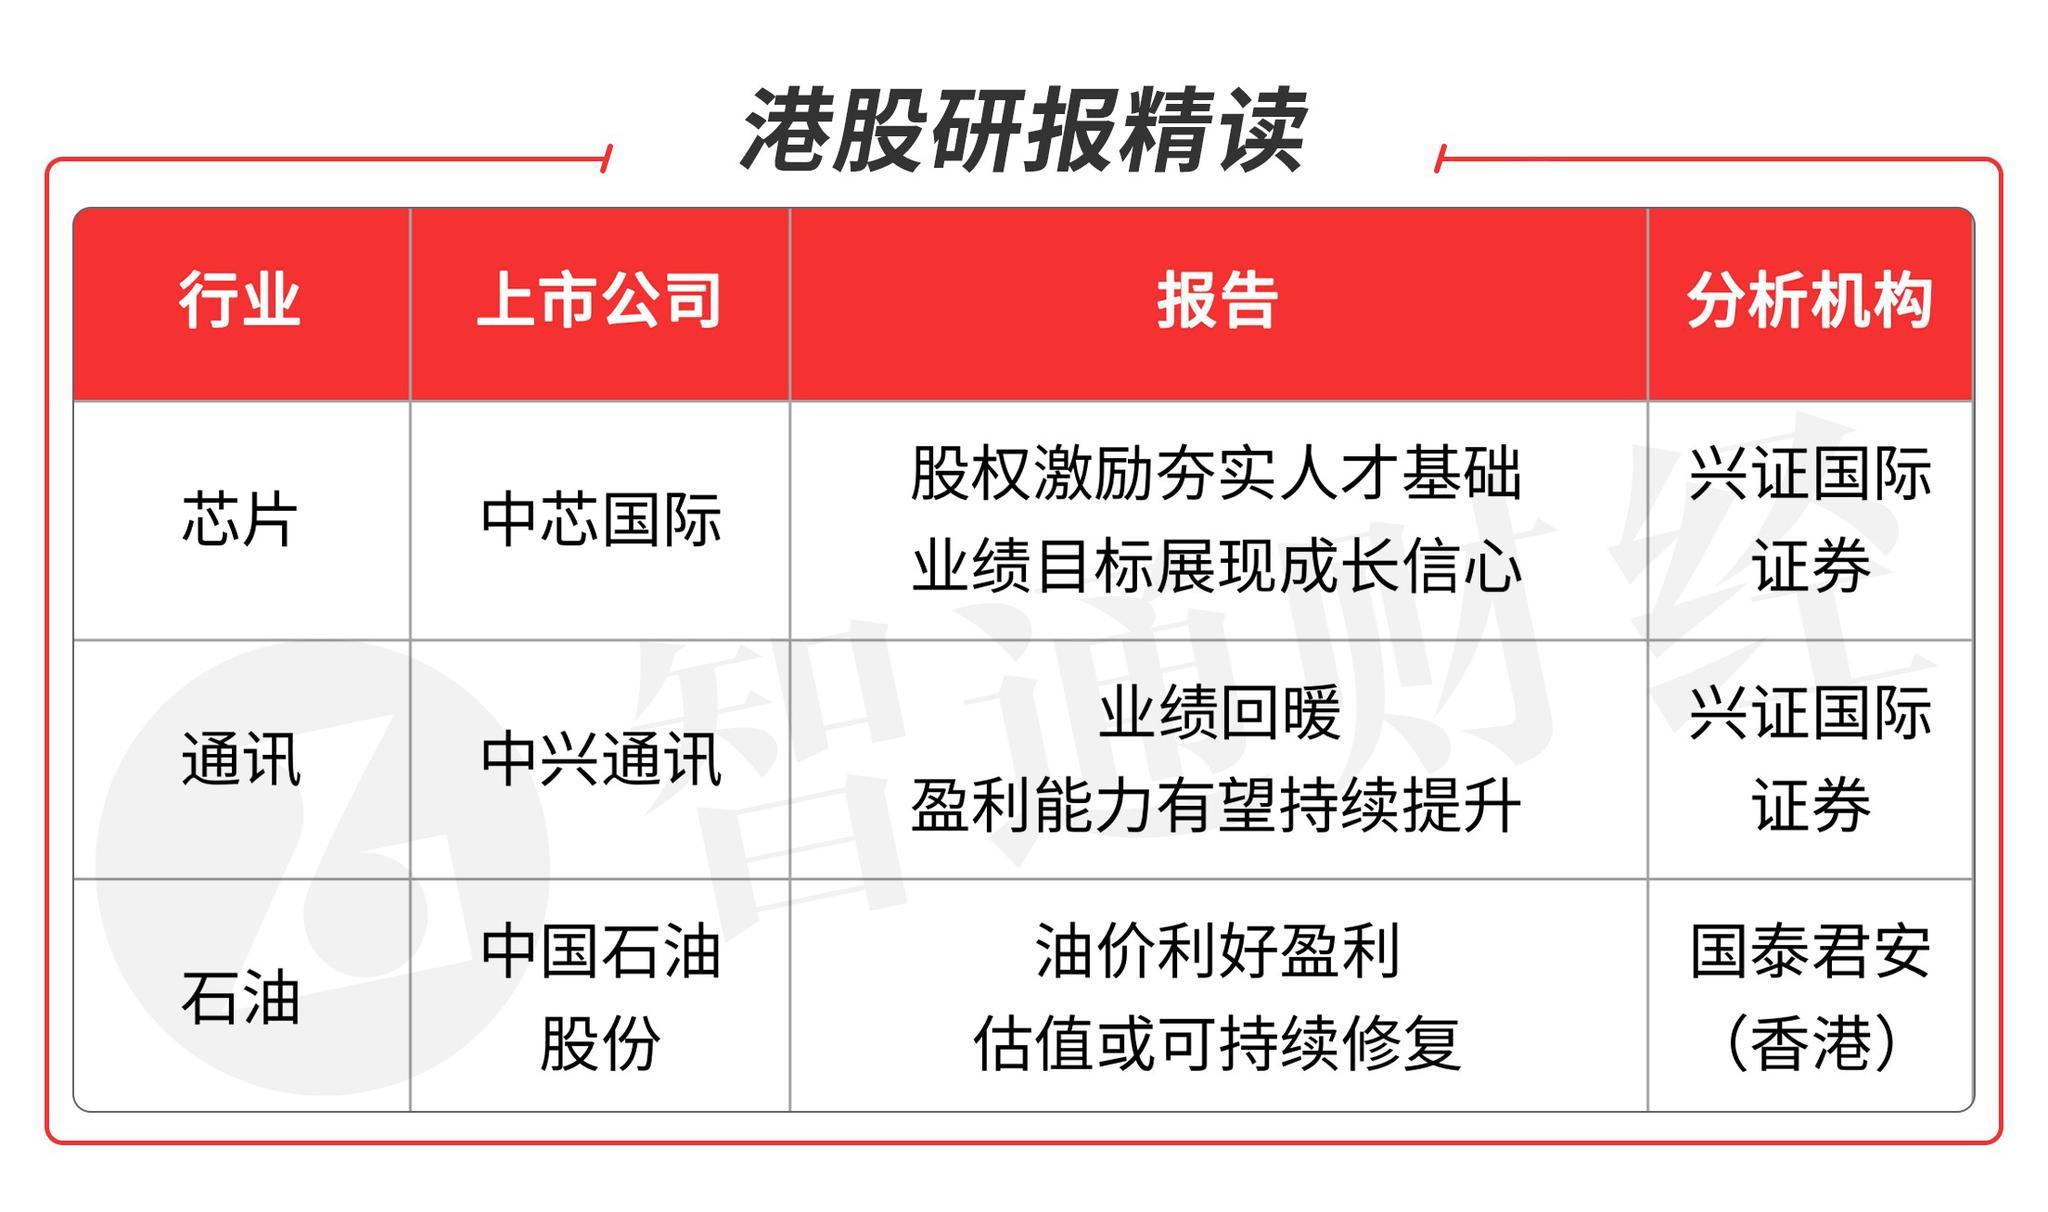 智通港股研报精读(06.17)   中芯国际(00981)产能供不应求 油价走势支持石油龙头盈利